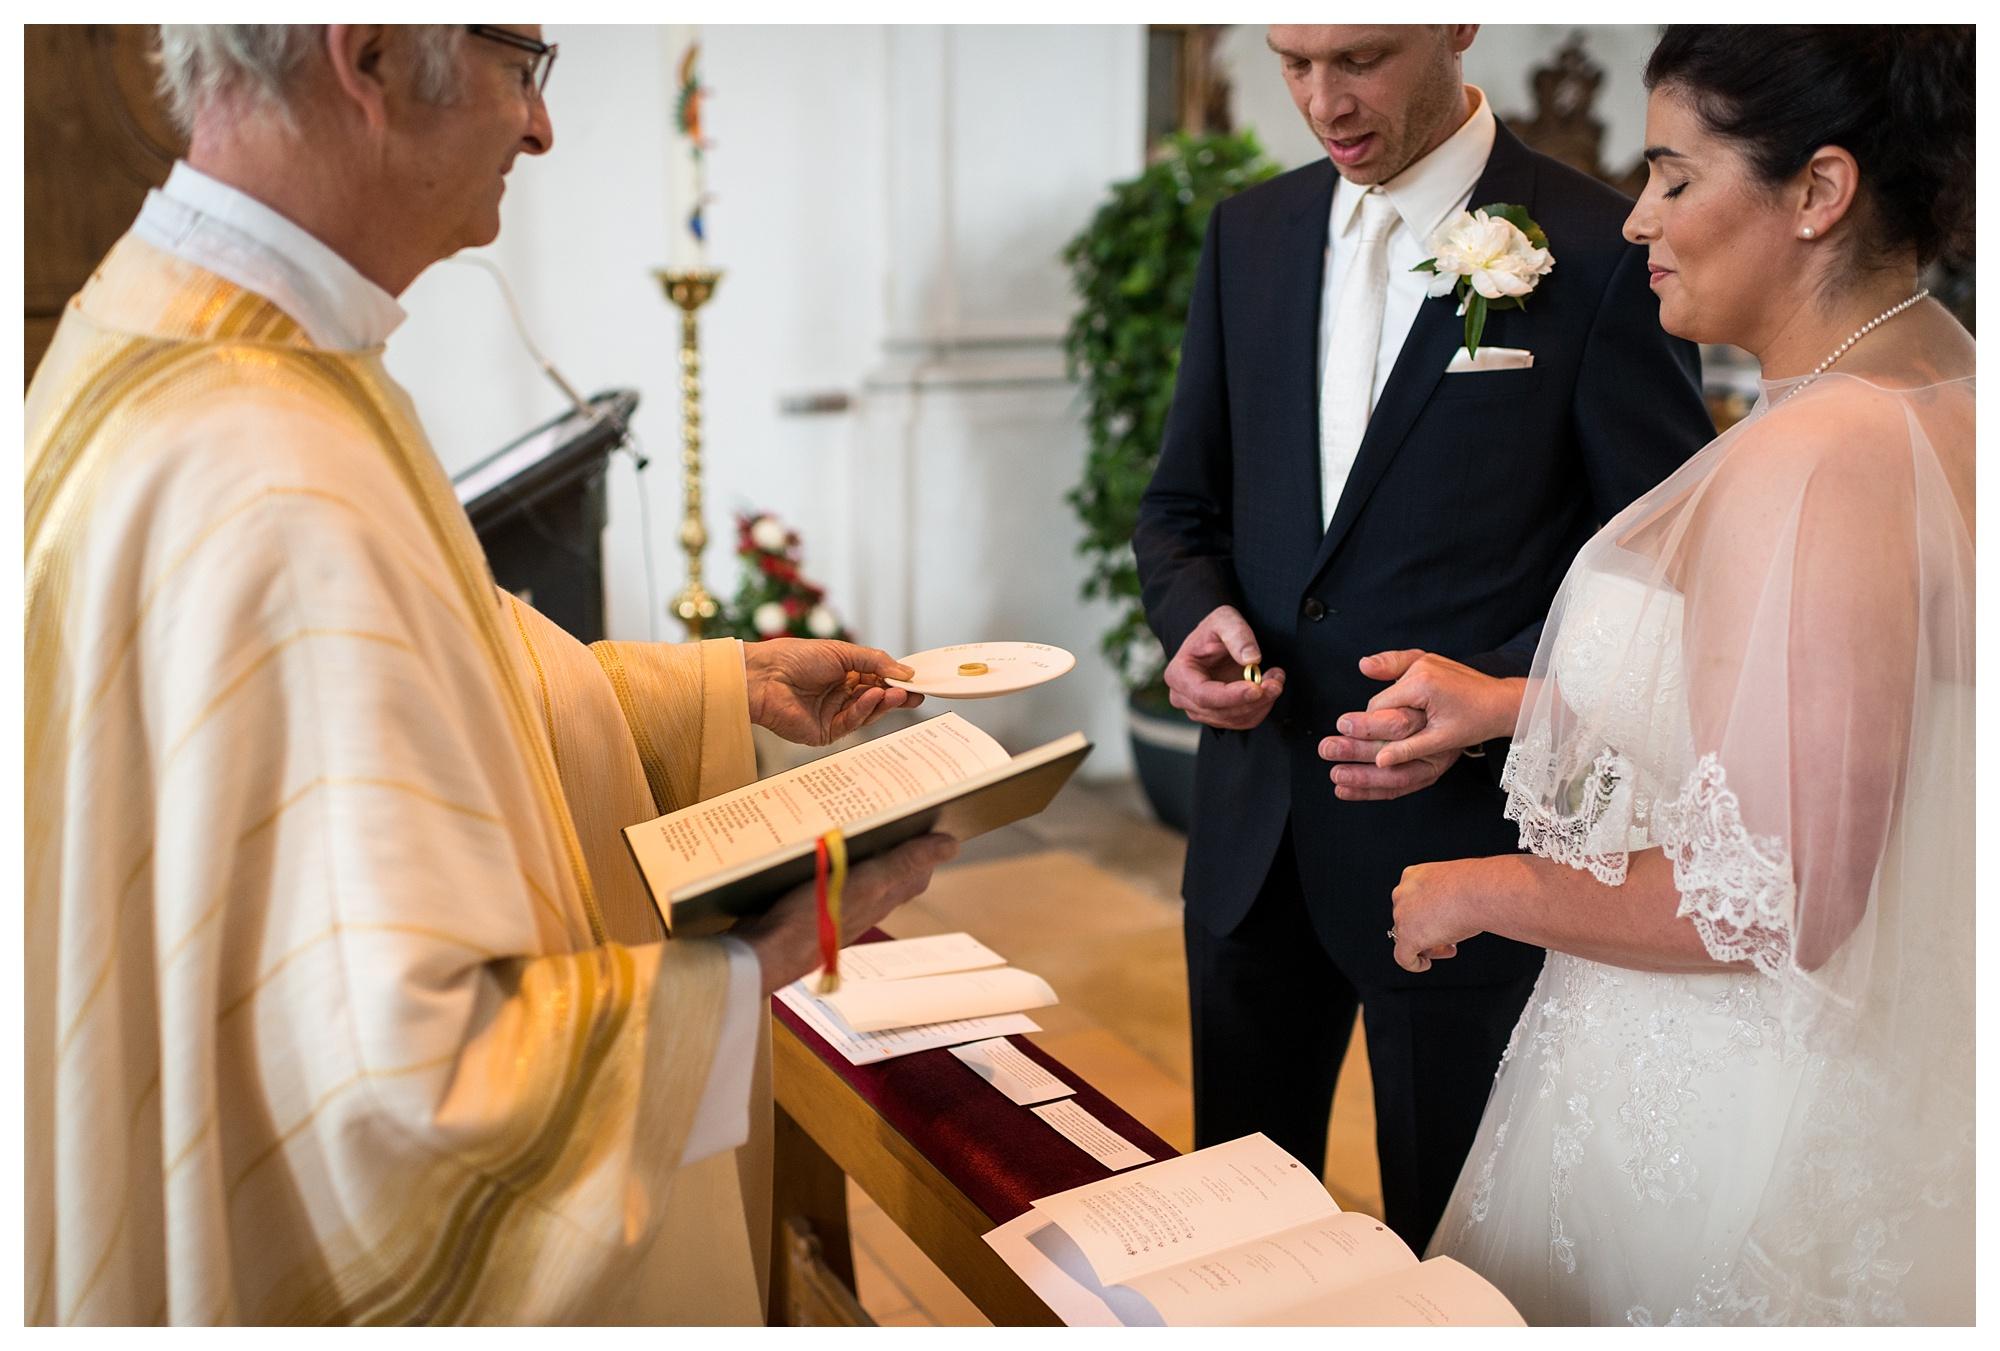 Fotograf Konstanz - Hochzeit Tanja Elmar Elmar Feuerbacher Photography Konstanz Messkirch Highlights 032 - Hochzeitsreportage von Tanja und Elmar im Schloss Meßkirch  - 136 -